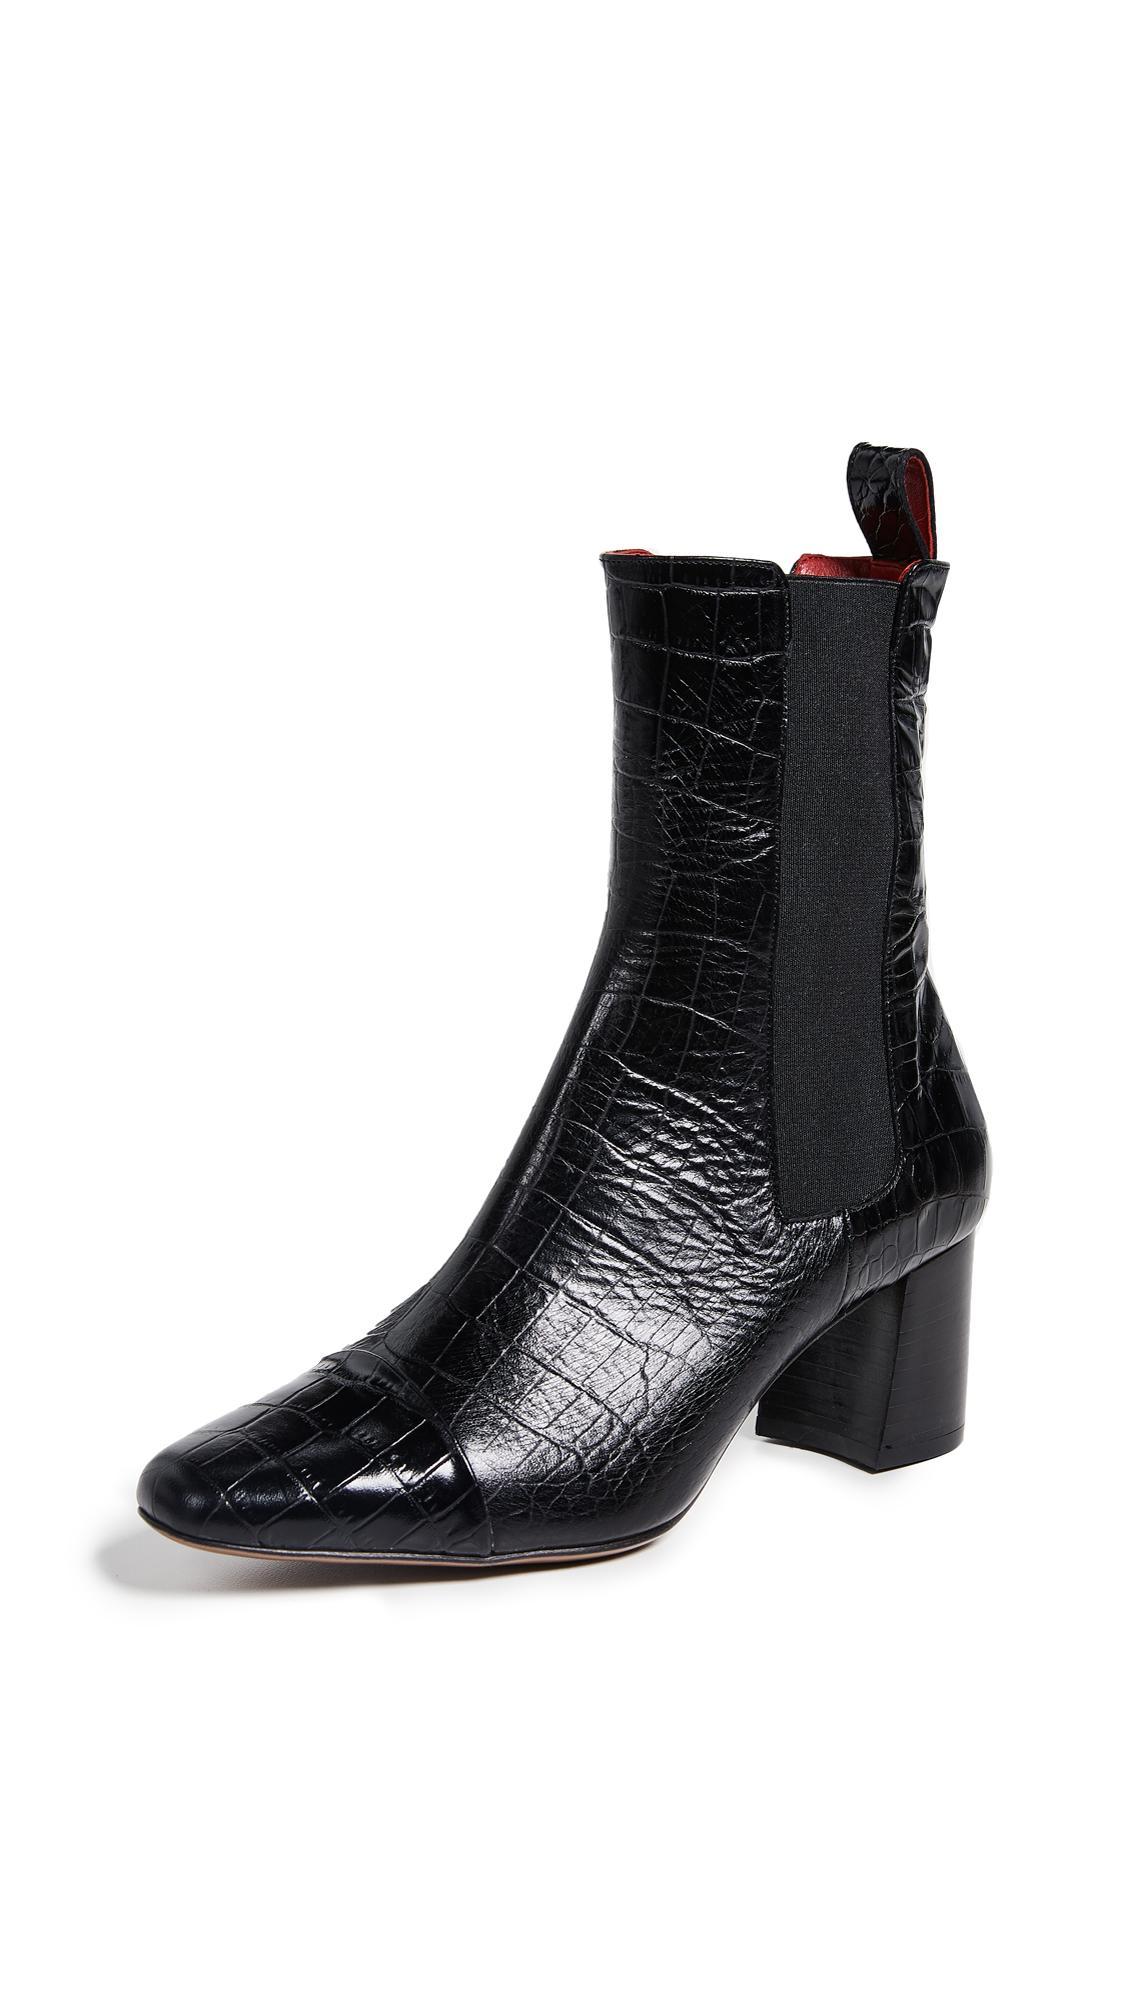 Trademark Delphine Booties In Black